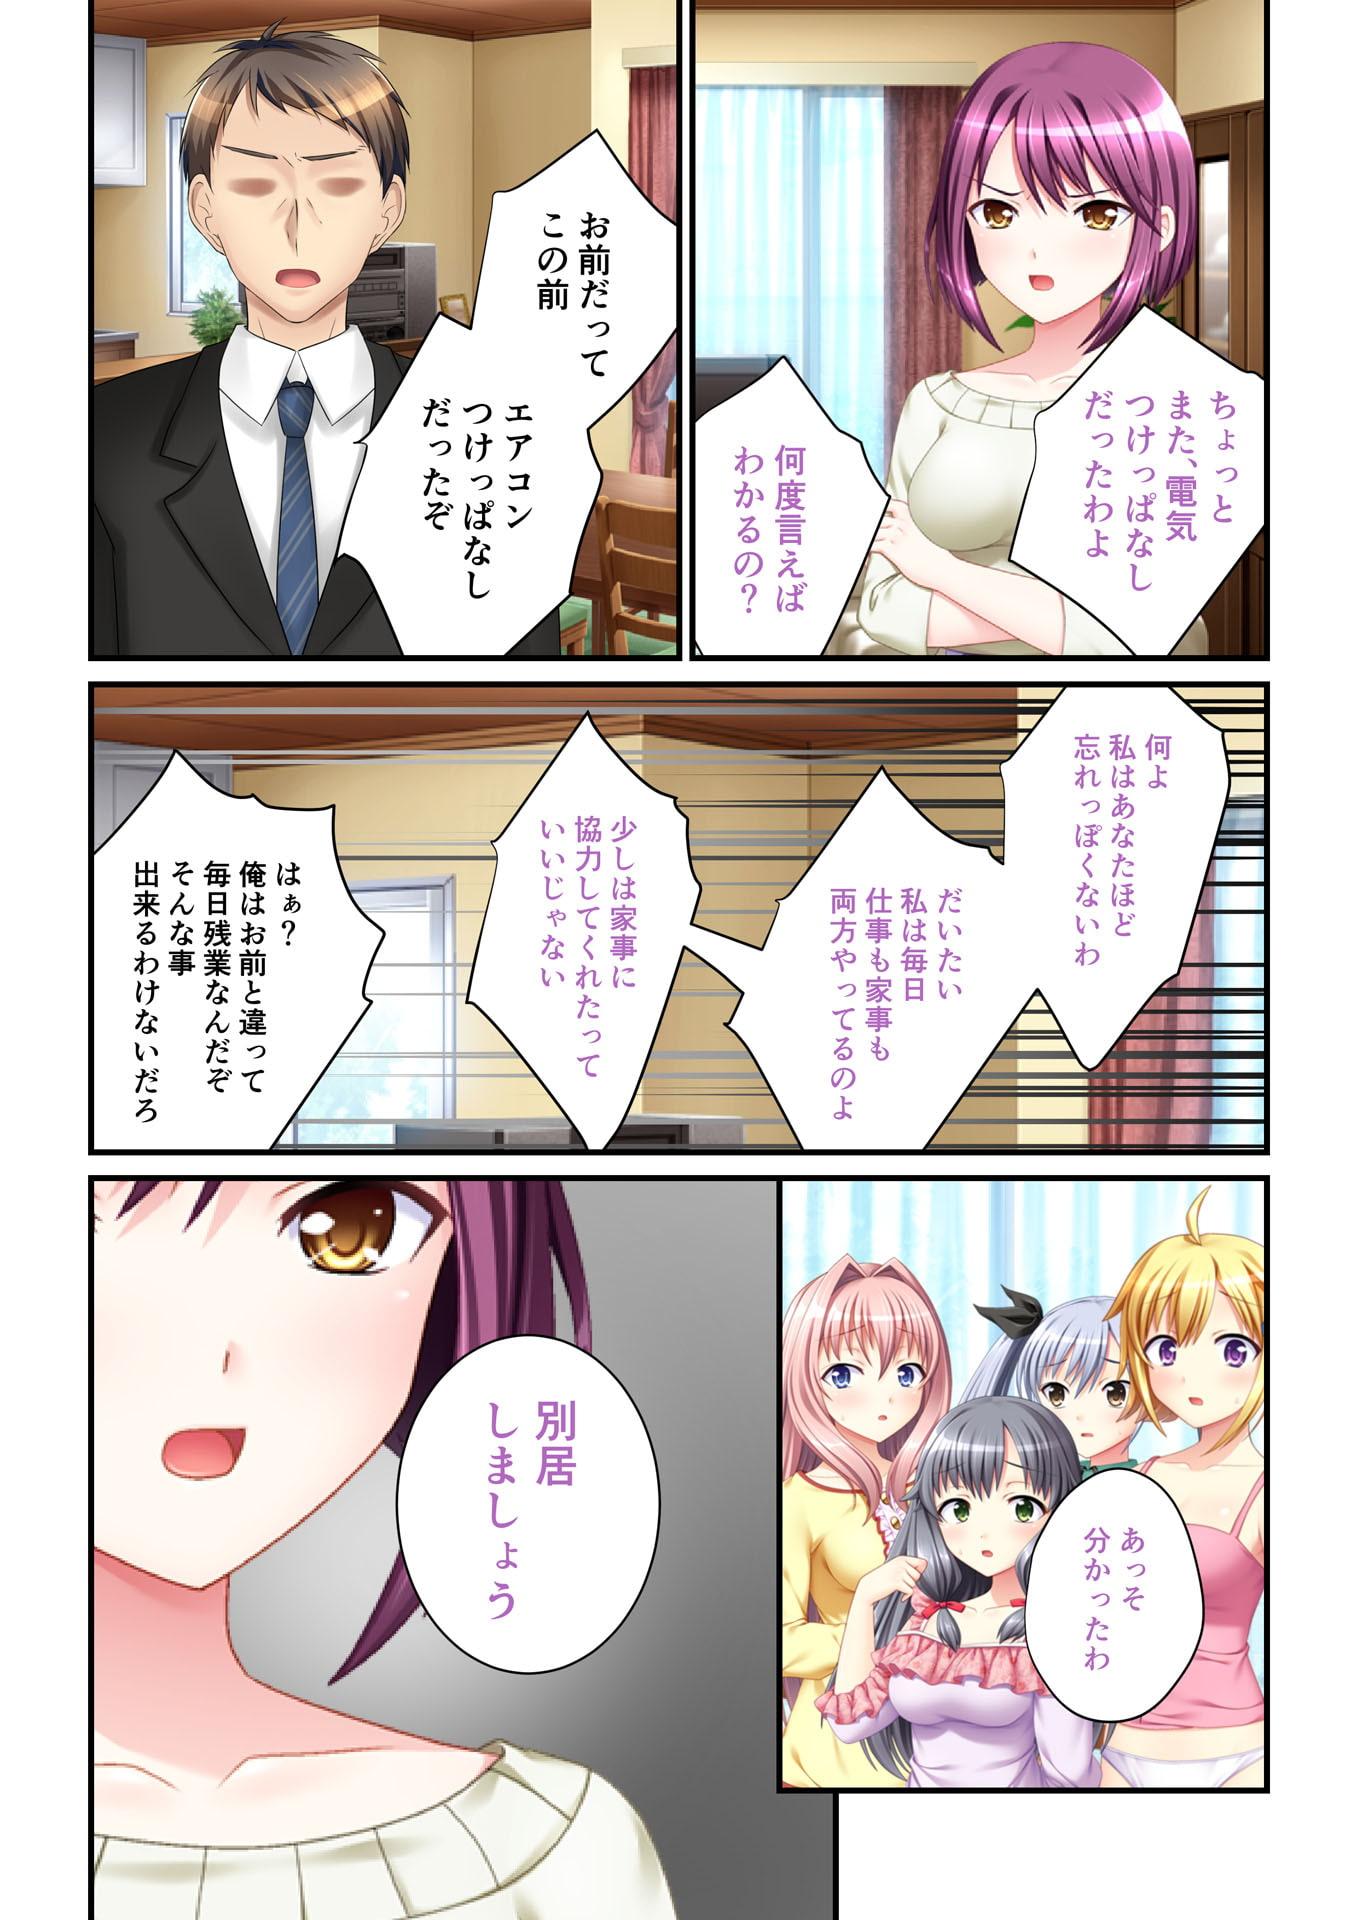 パパ活ハーレム 義娘JKたちのエッチな誘惑(1) フルカラーコミック版